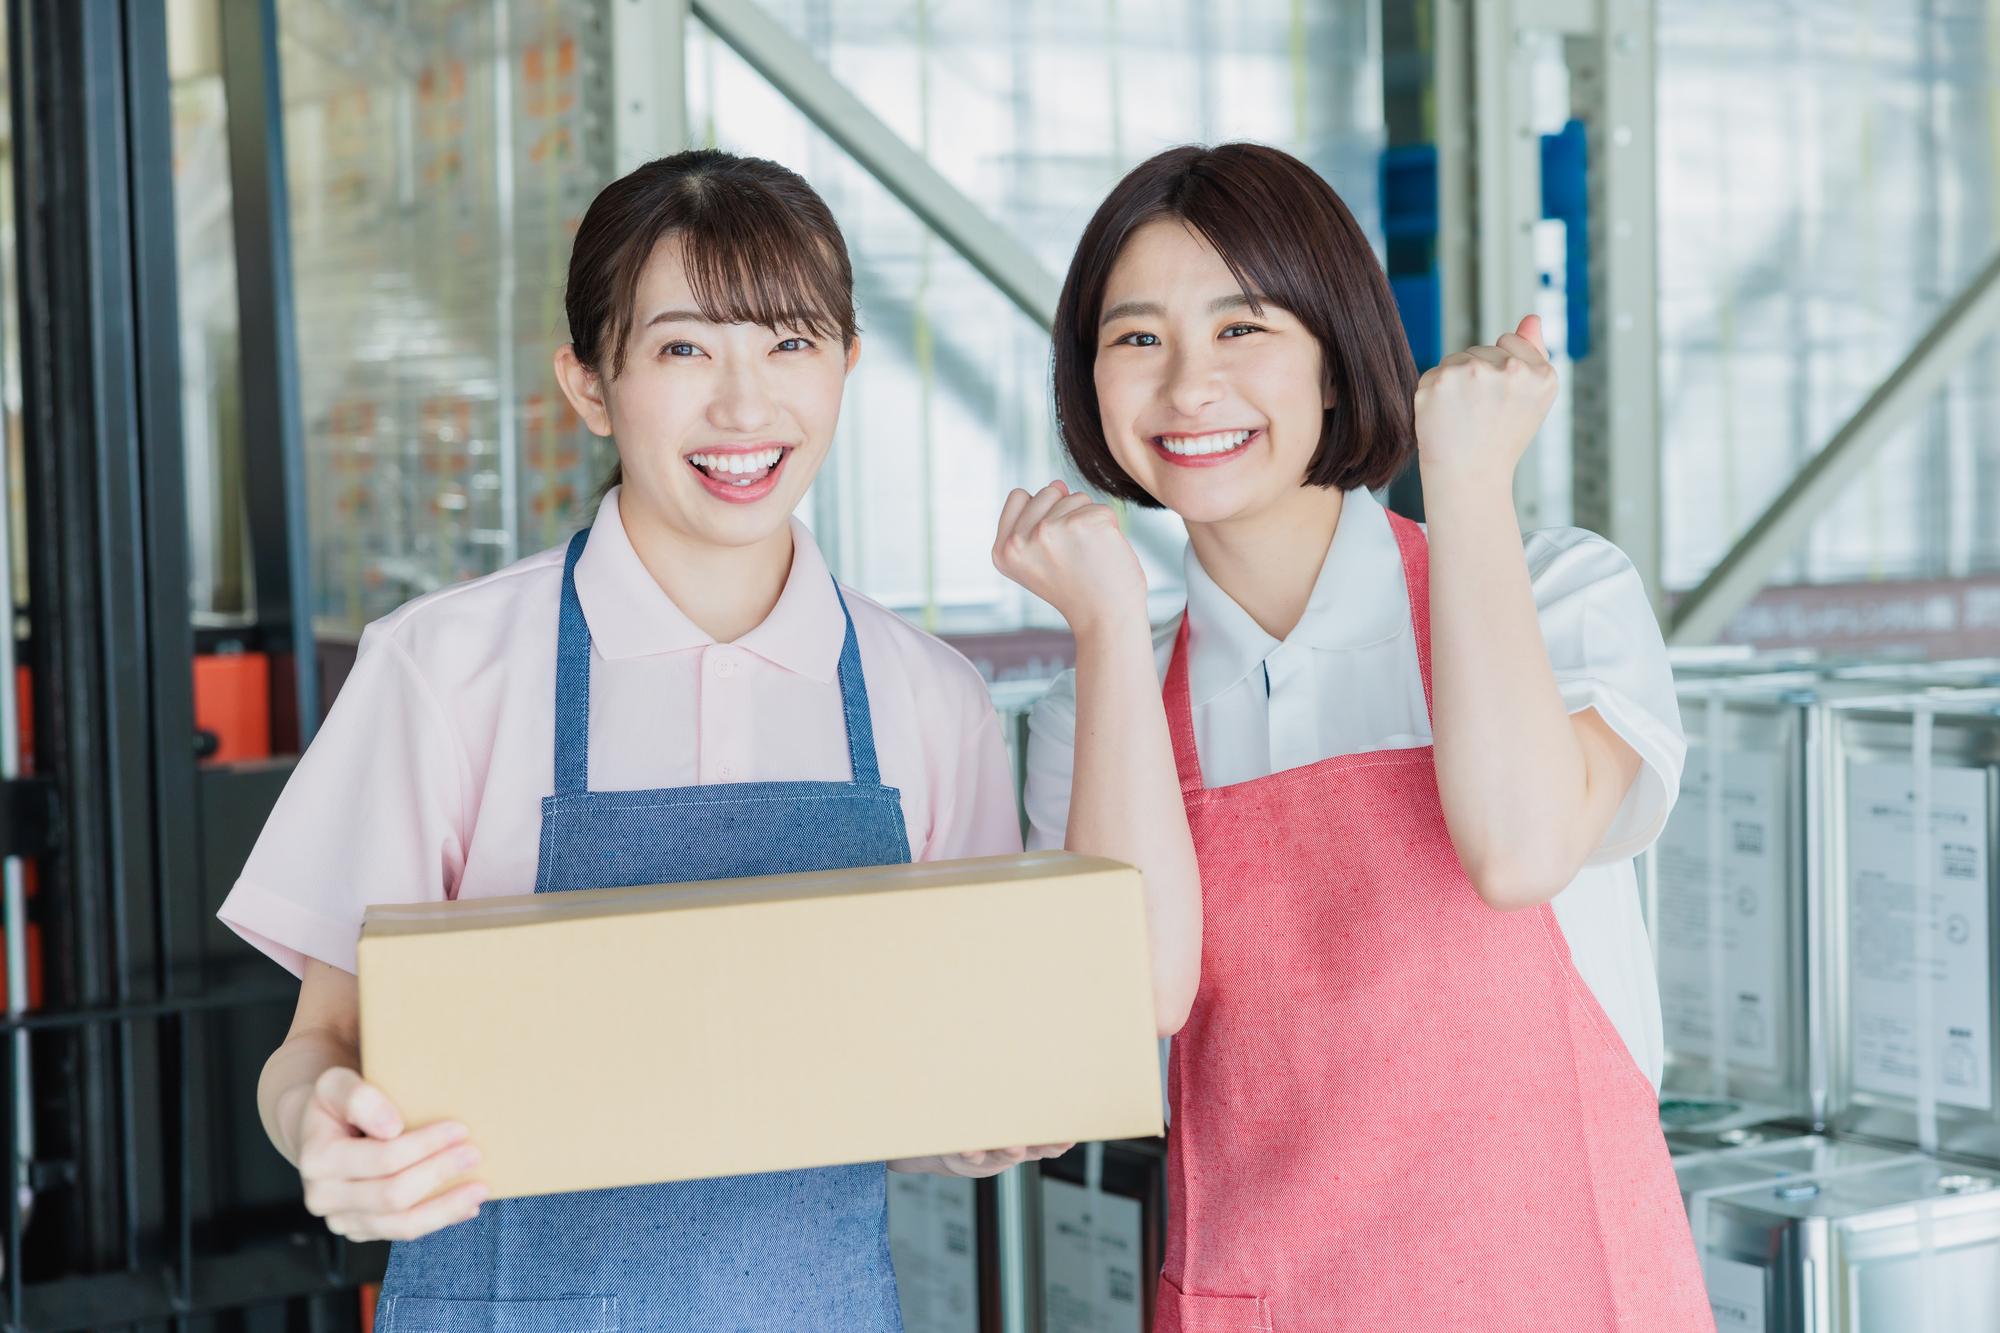 扶養内のボーダーラインはいくらまで? 103万円、130万円、150万円で何が変わる?_1